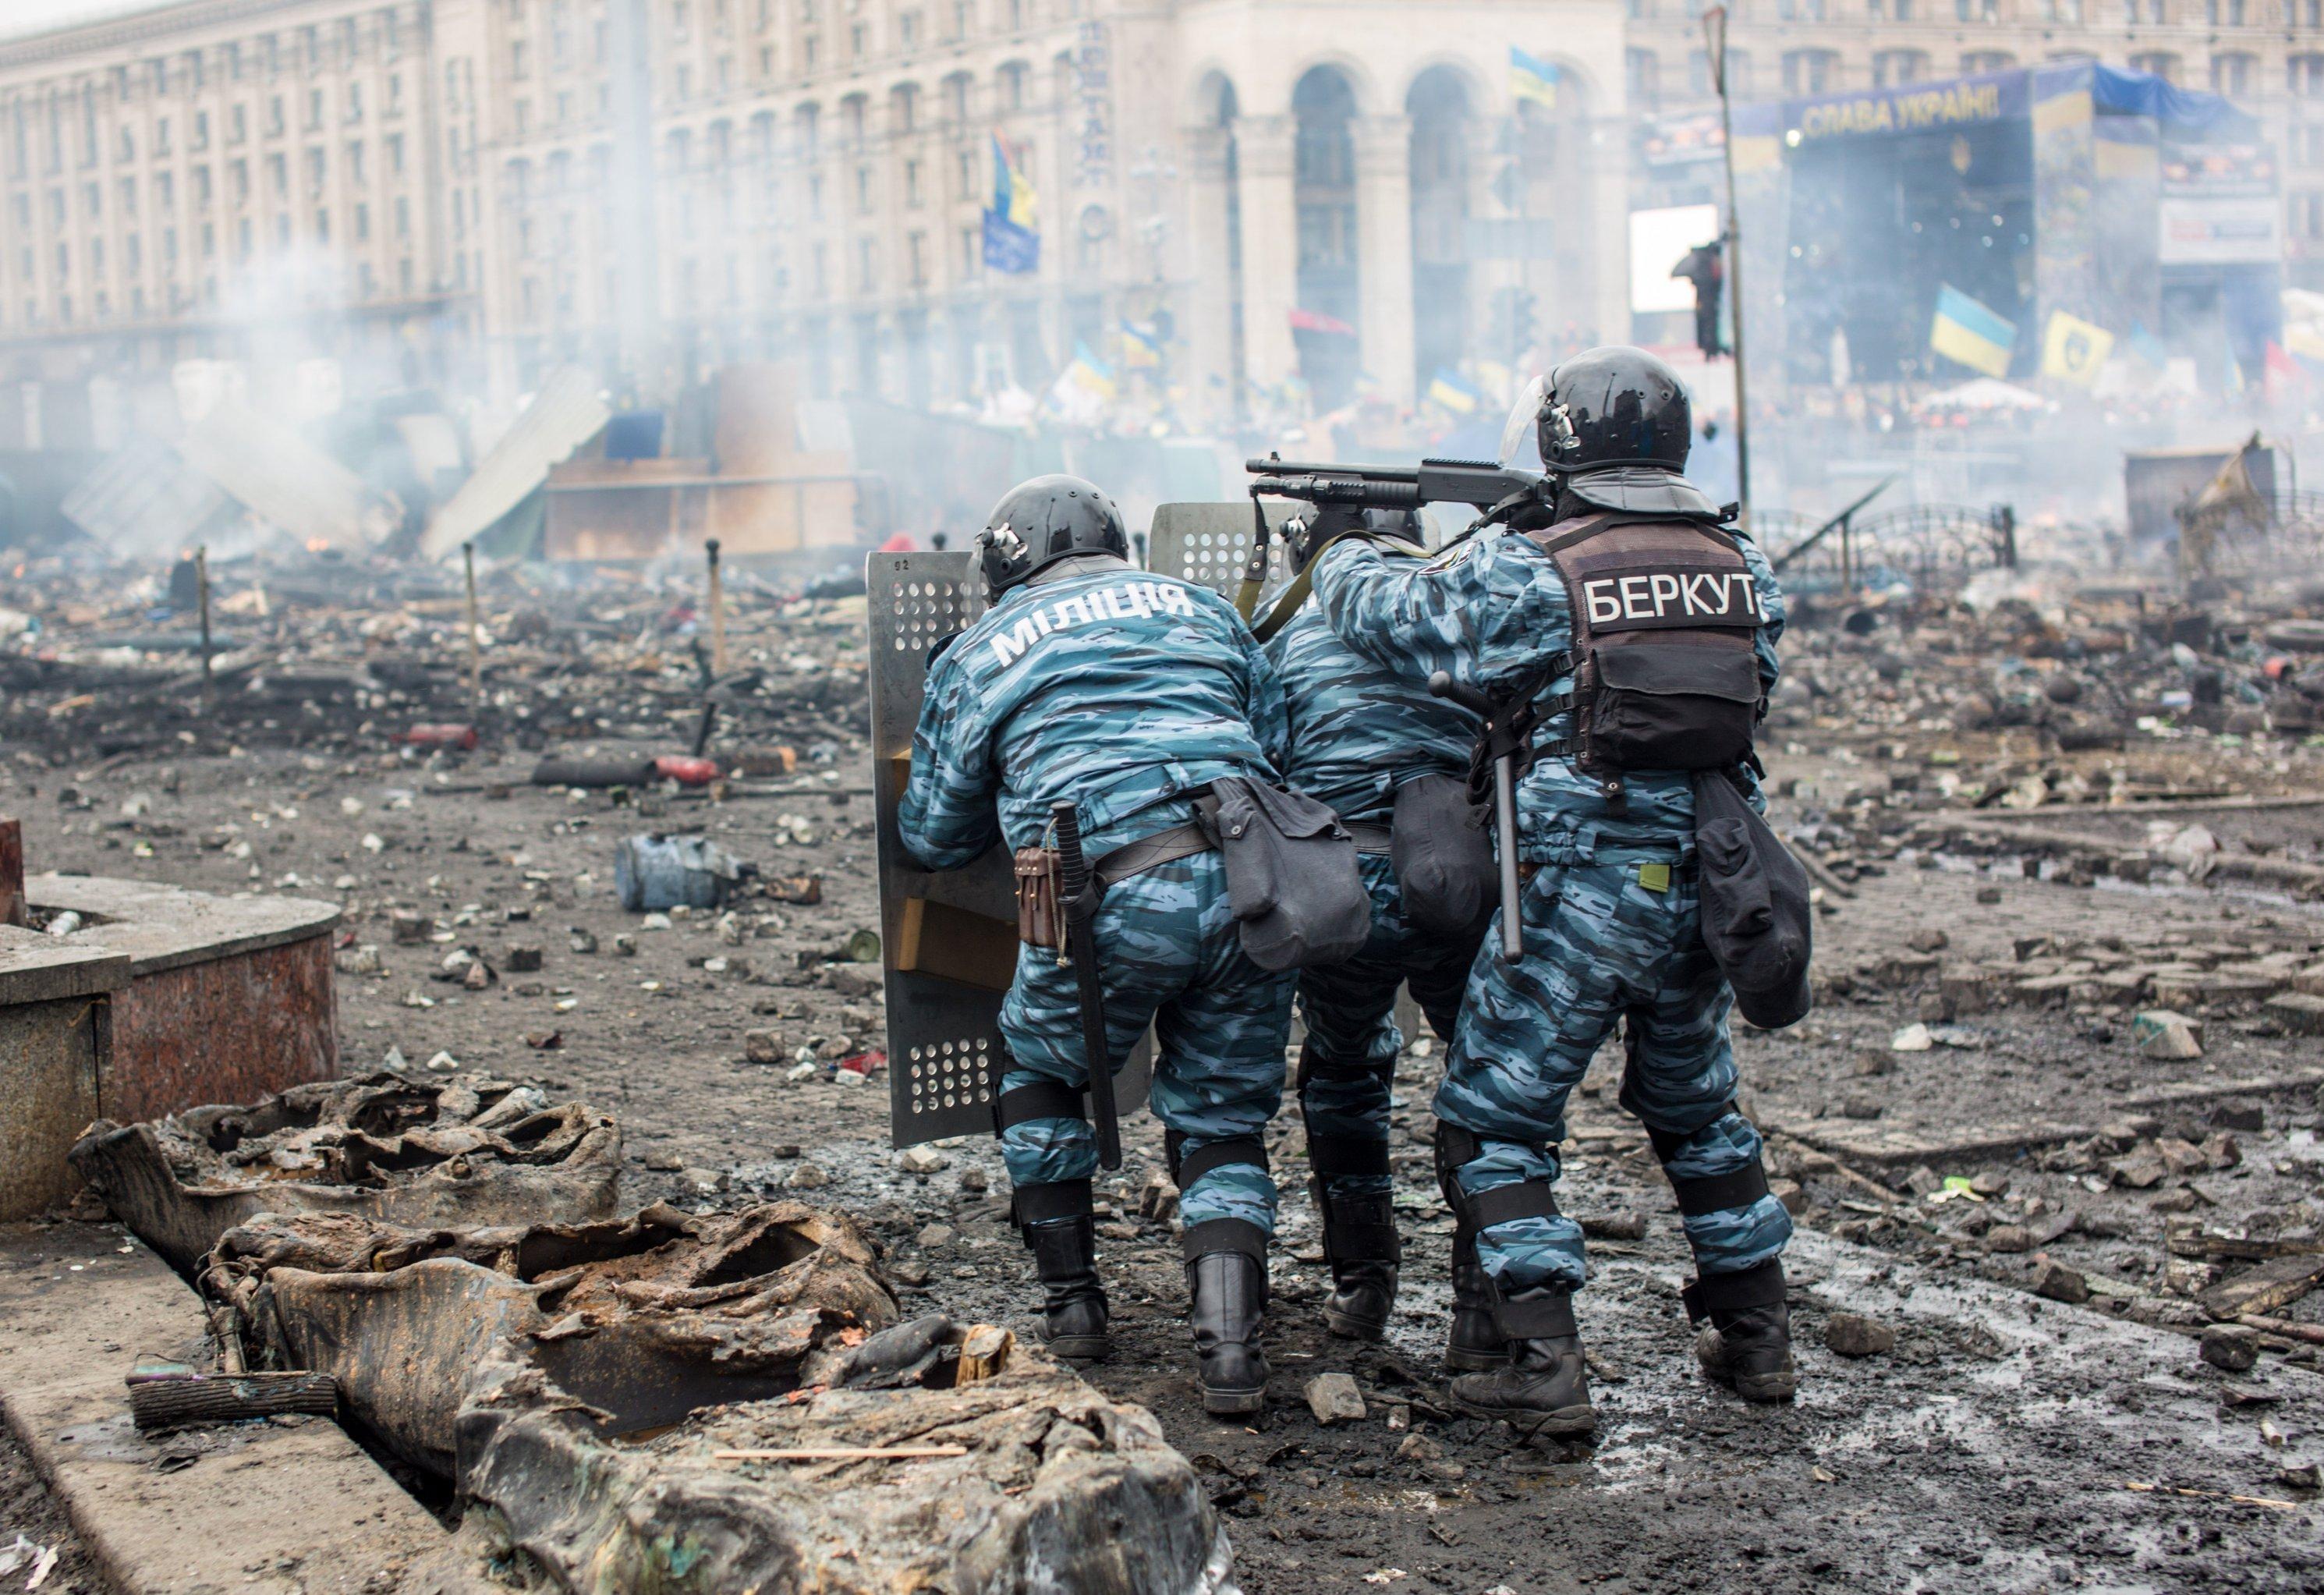 Сотрудники правоохранительных органов на площади Независимости в Киеве во время столкновения митингующих и милиции, архивное фото